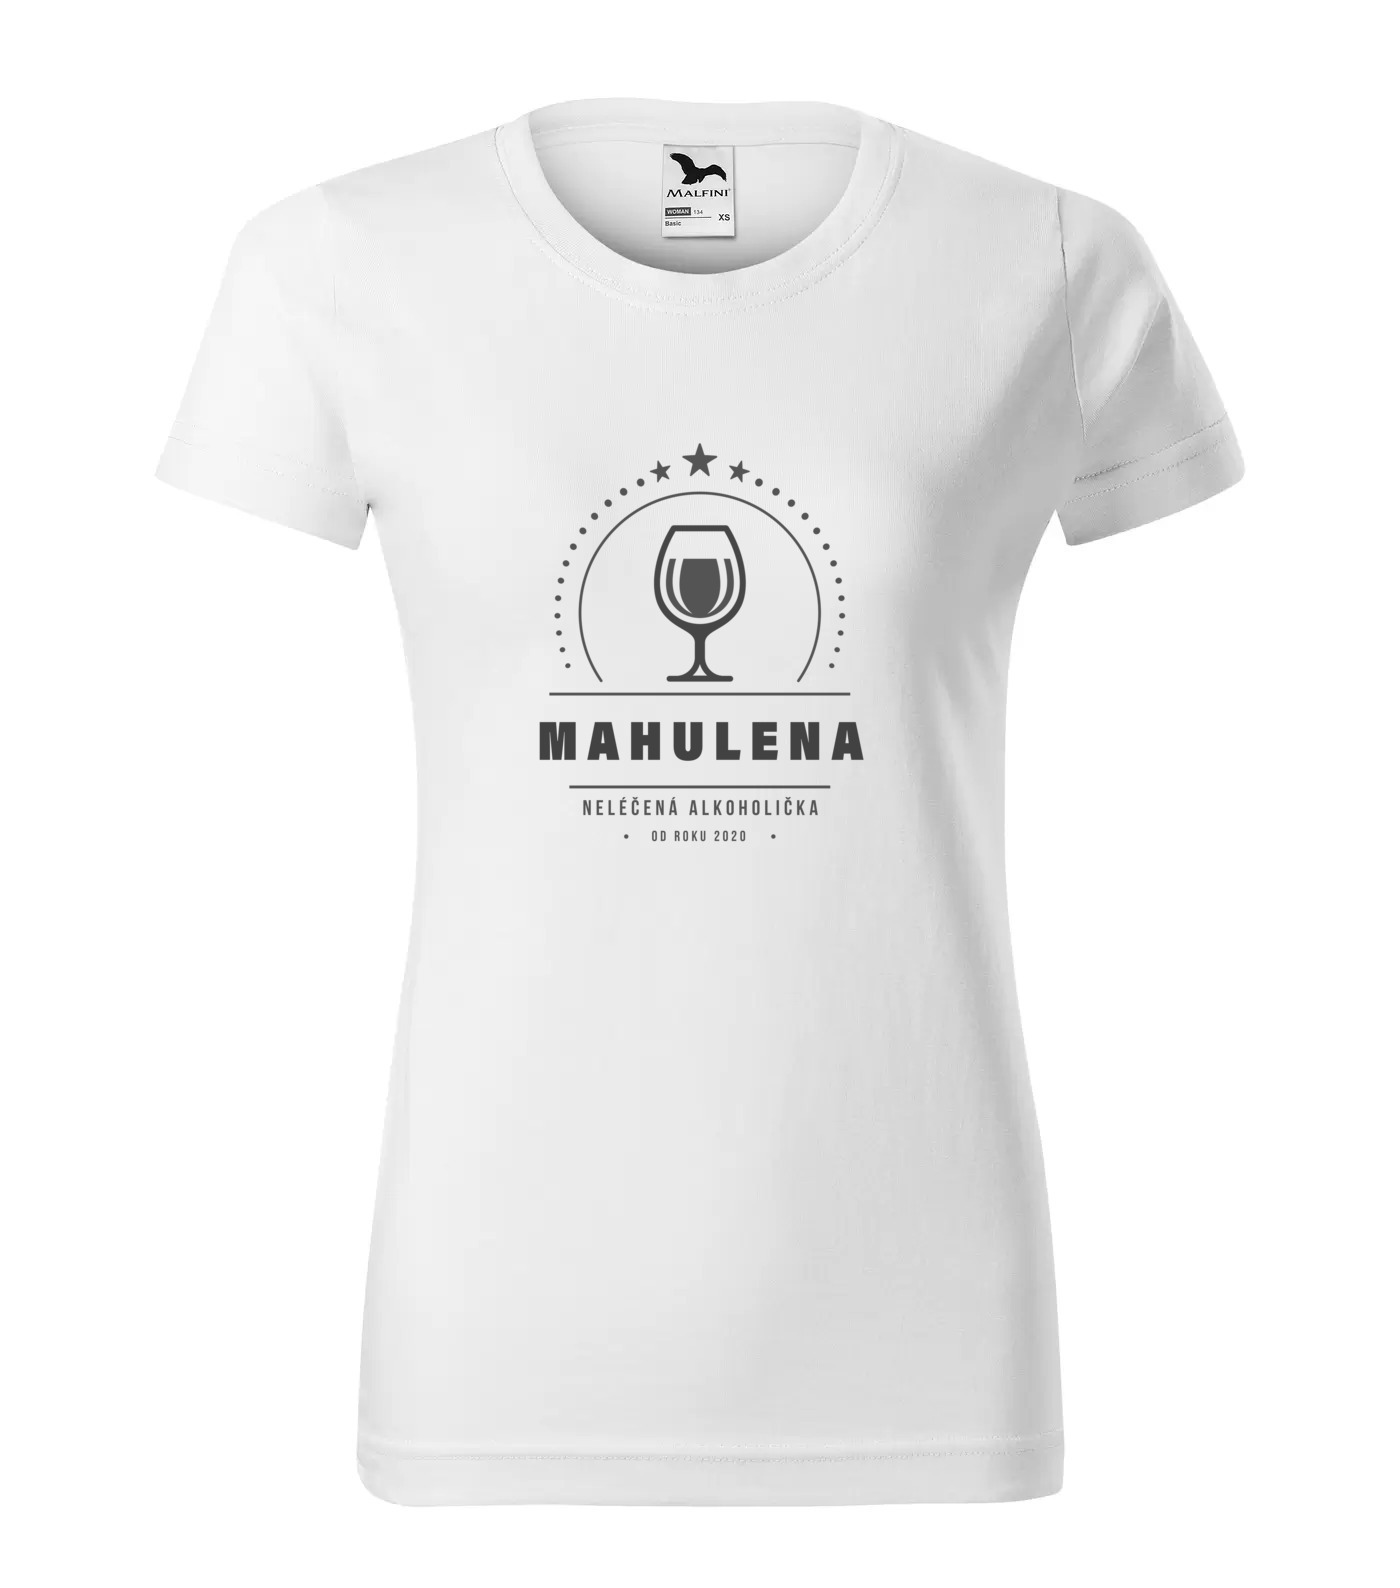 Tričko Alkoholička Mahulena